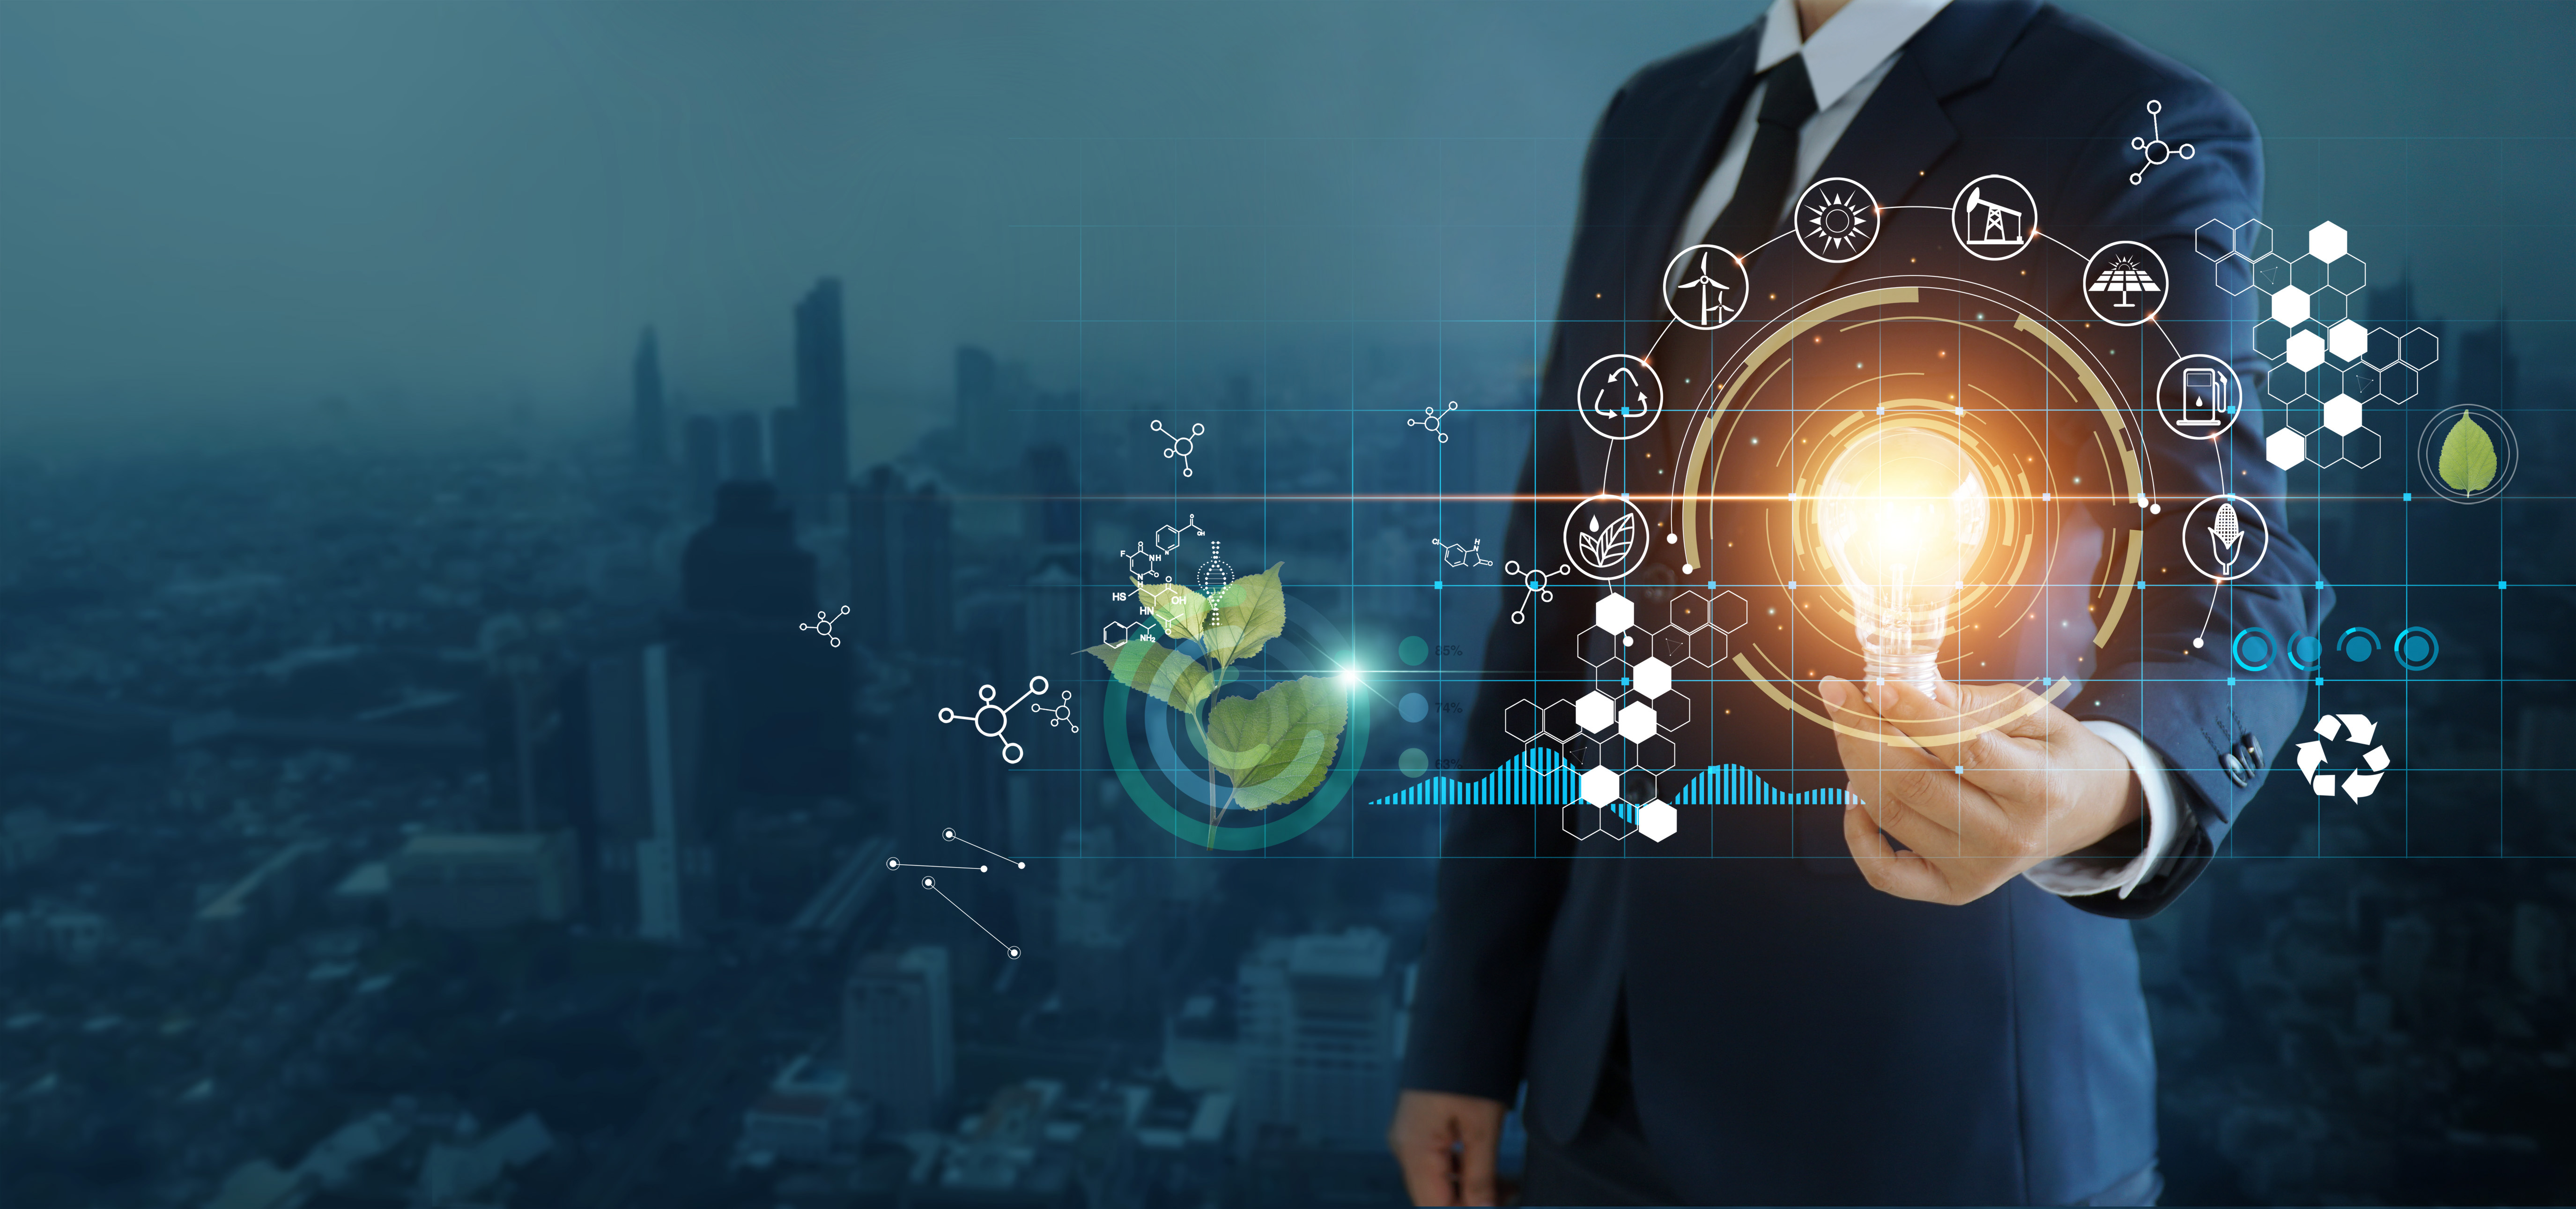 Transizione ecologica e digitale: cosa significano per il mondo aziendale?